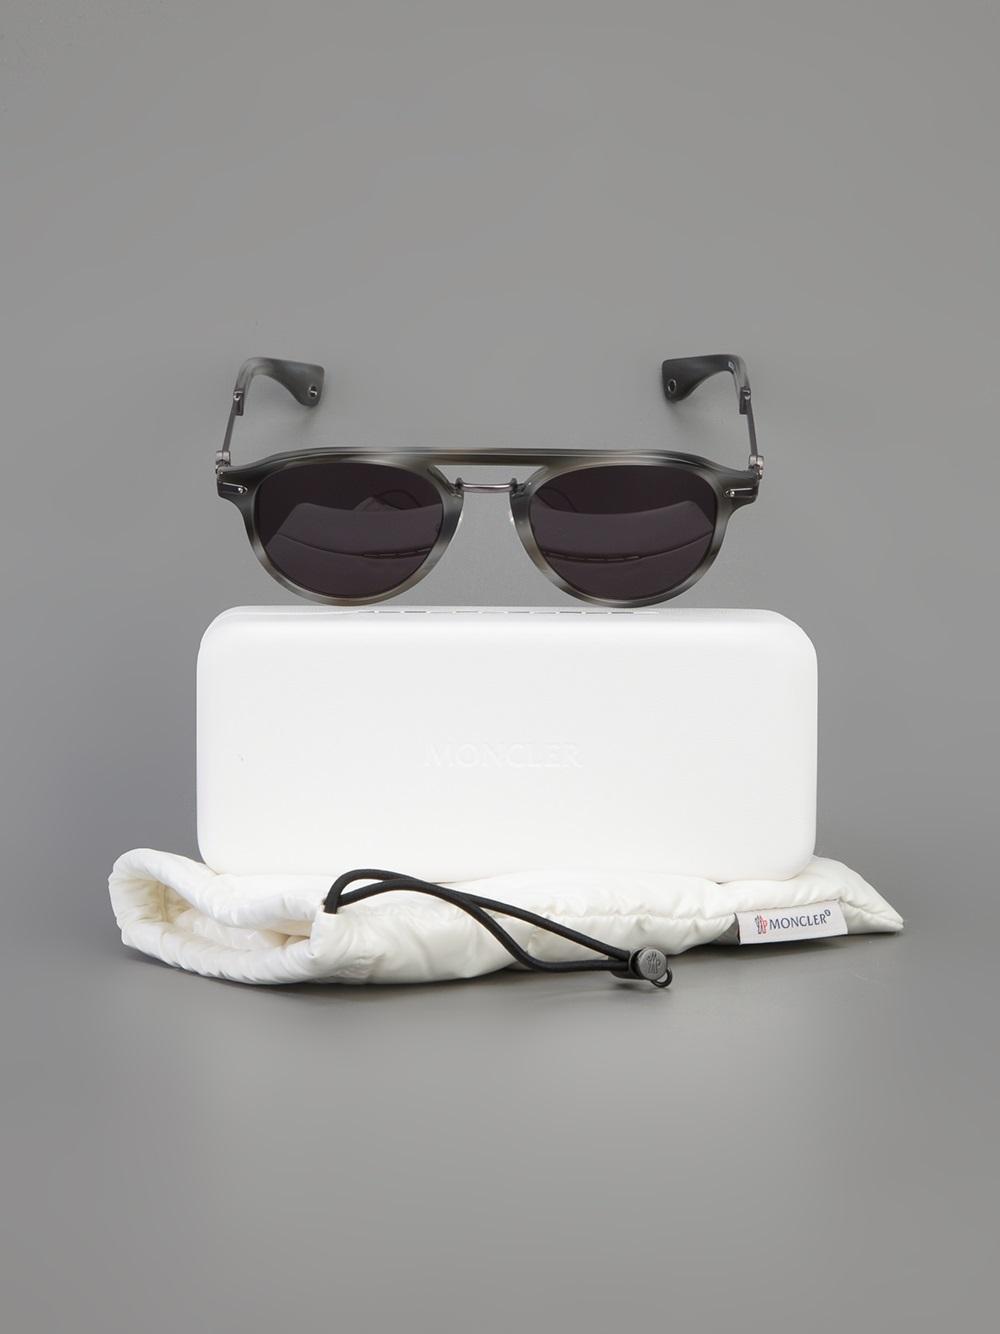 4f69e36214e Lyst - Moncler Mc503 Sunglasses in Gray for Men